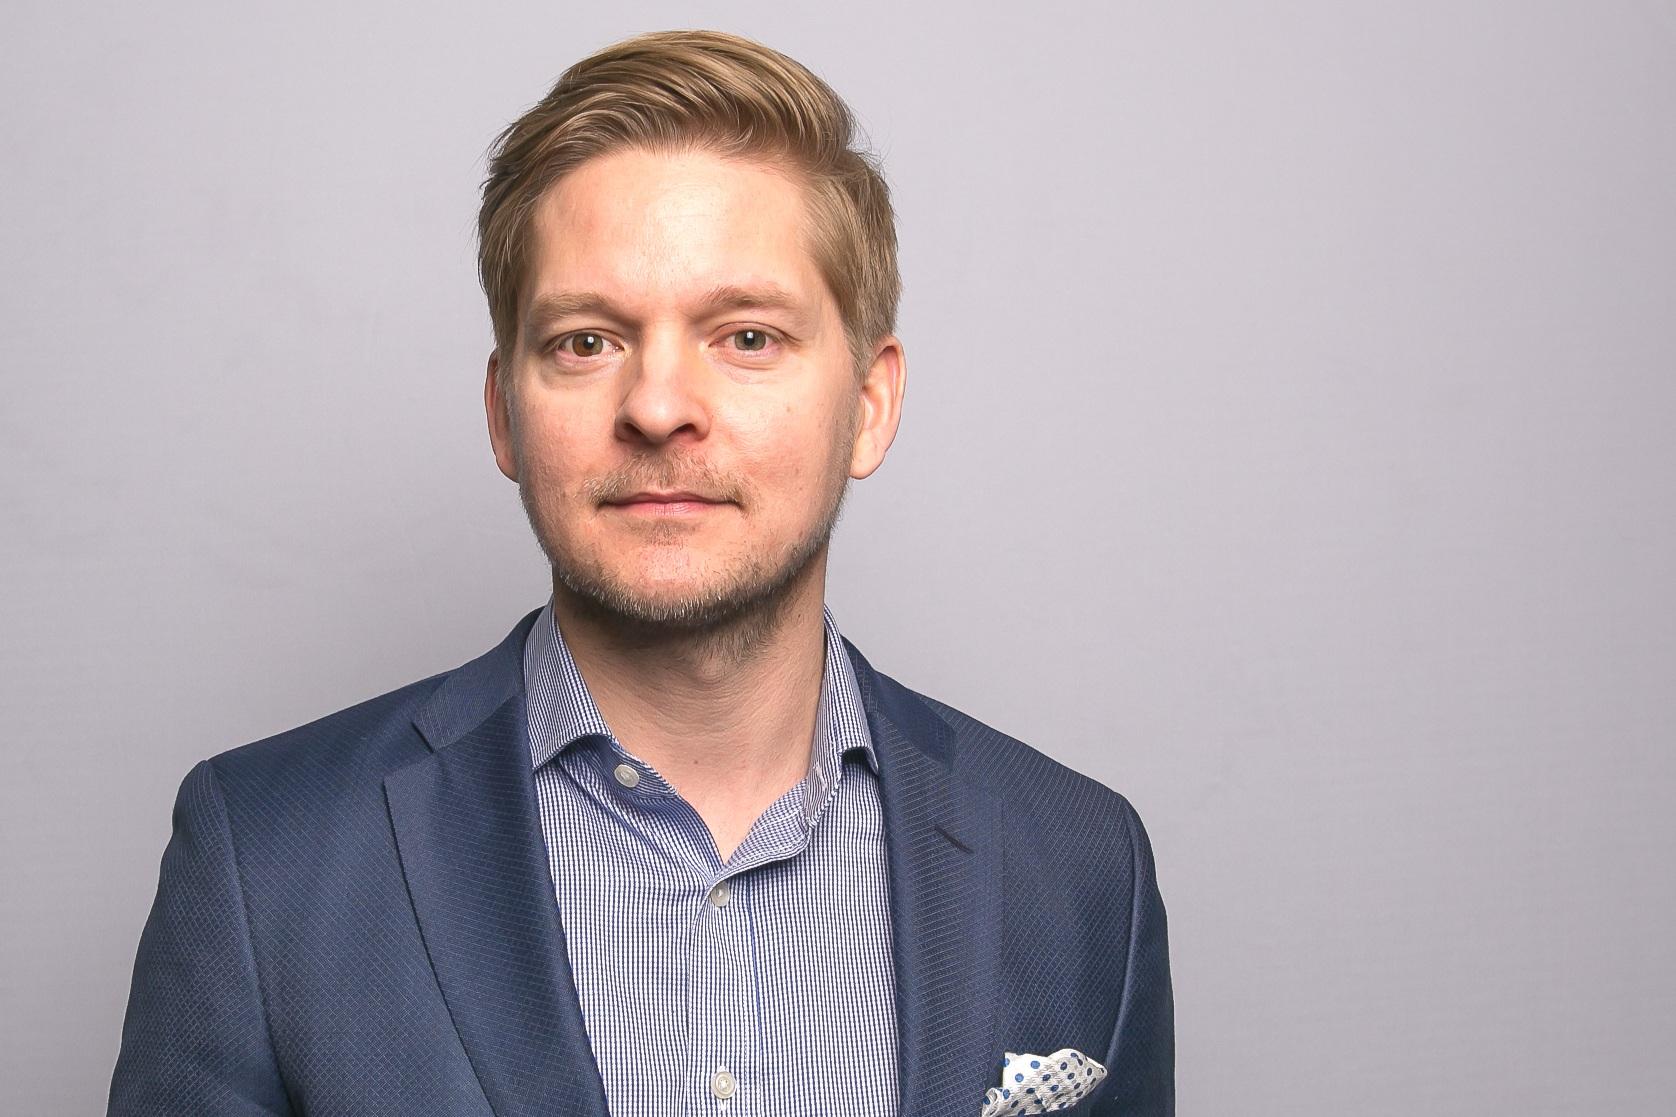 Toni Lahti   Investment Director  Co-Founder  040 522 7633   toni.lahti@springvest.fi